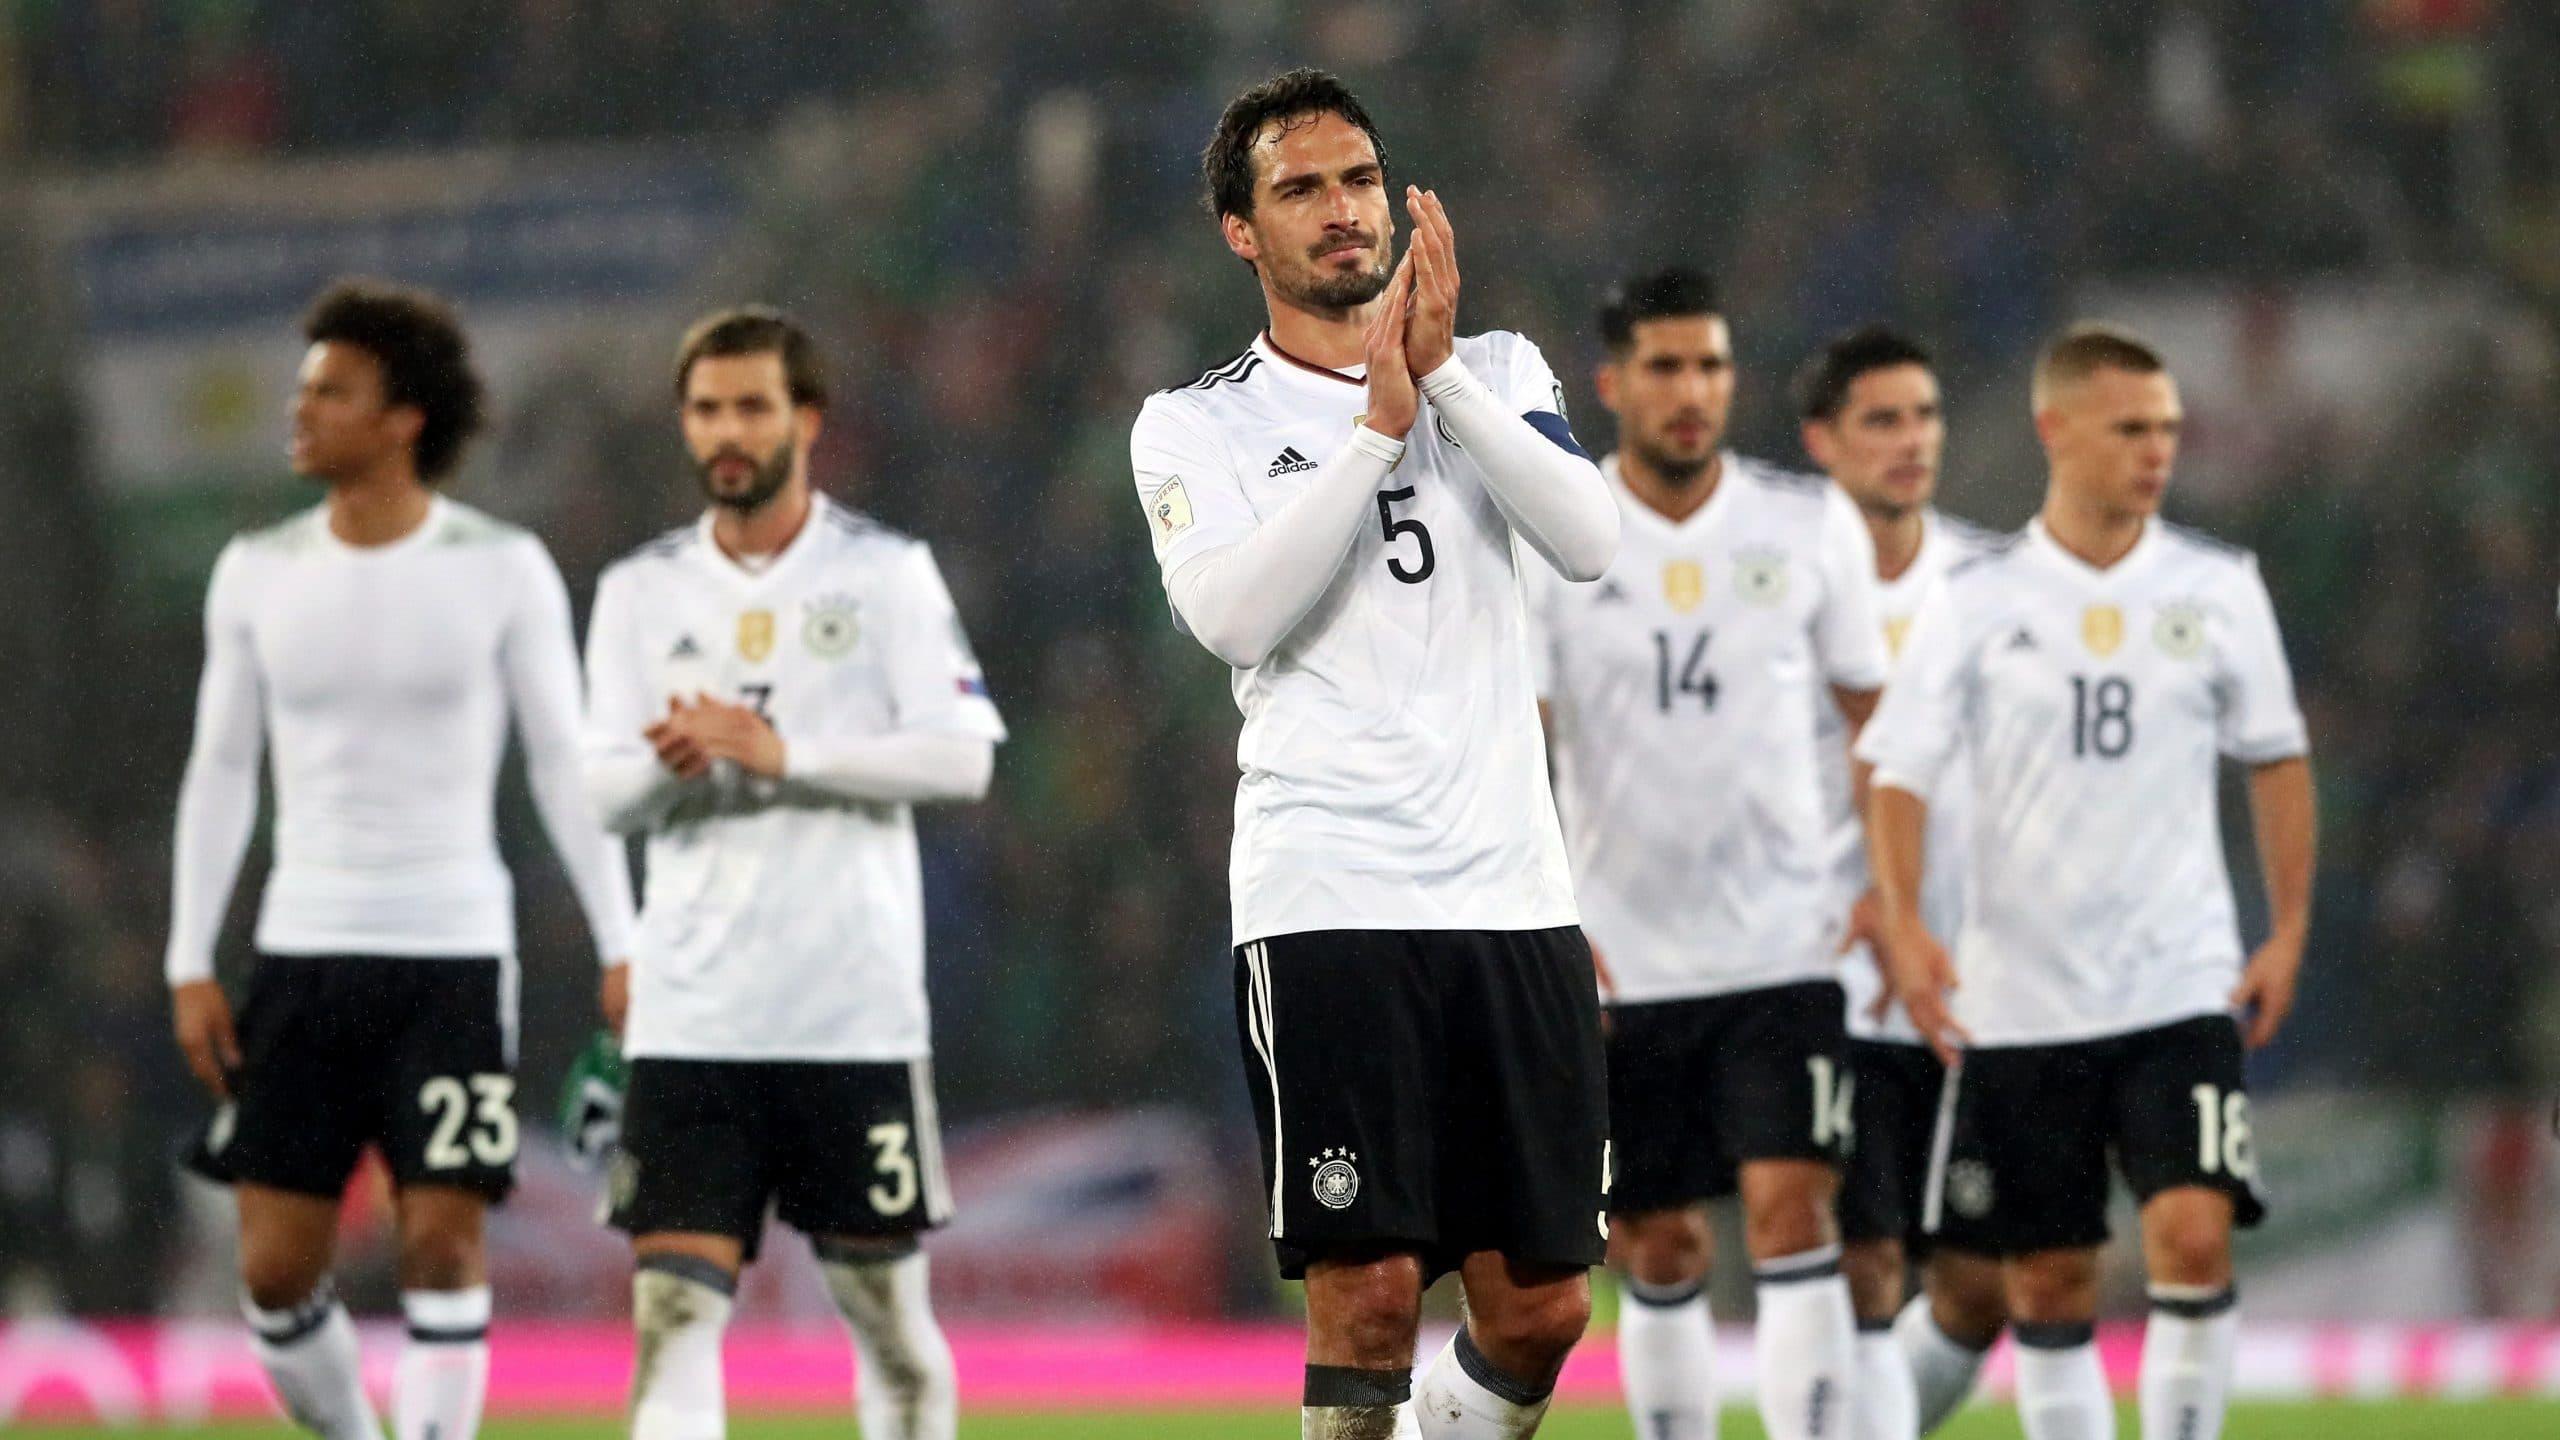 วิเคราะห์ฟุตบอล ฟุตบอล ยูฟ่า ยูโร 2020 รอบคัดเลือก | ไอร์แลนด์เหนือ vs เยอรมัน 09/09/19